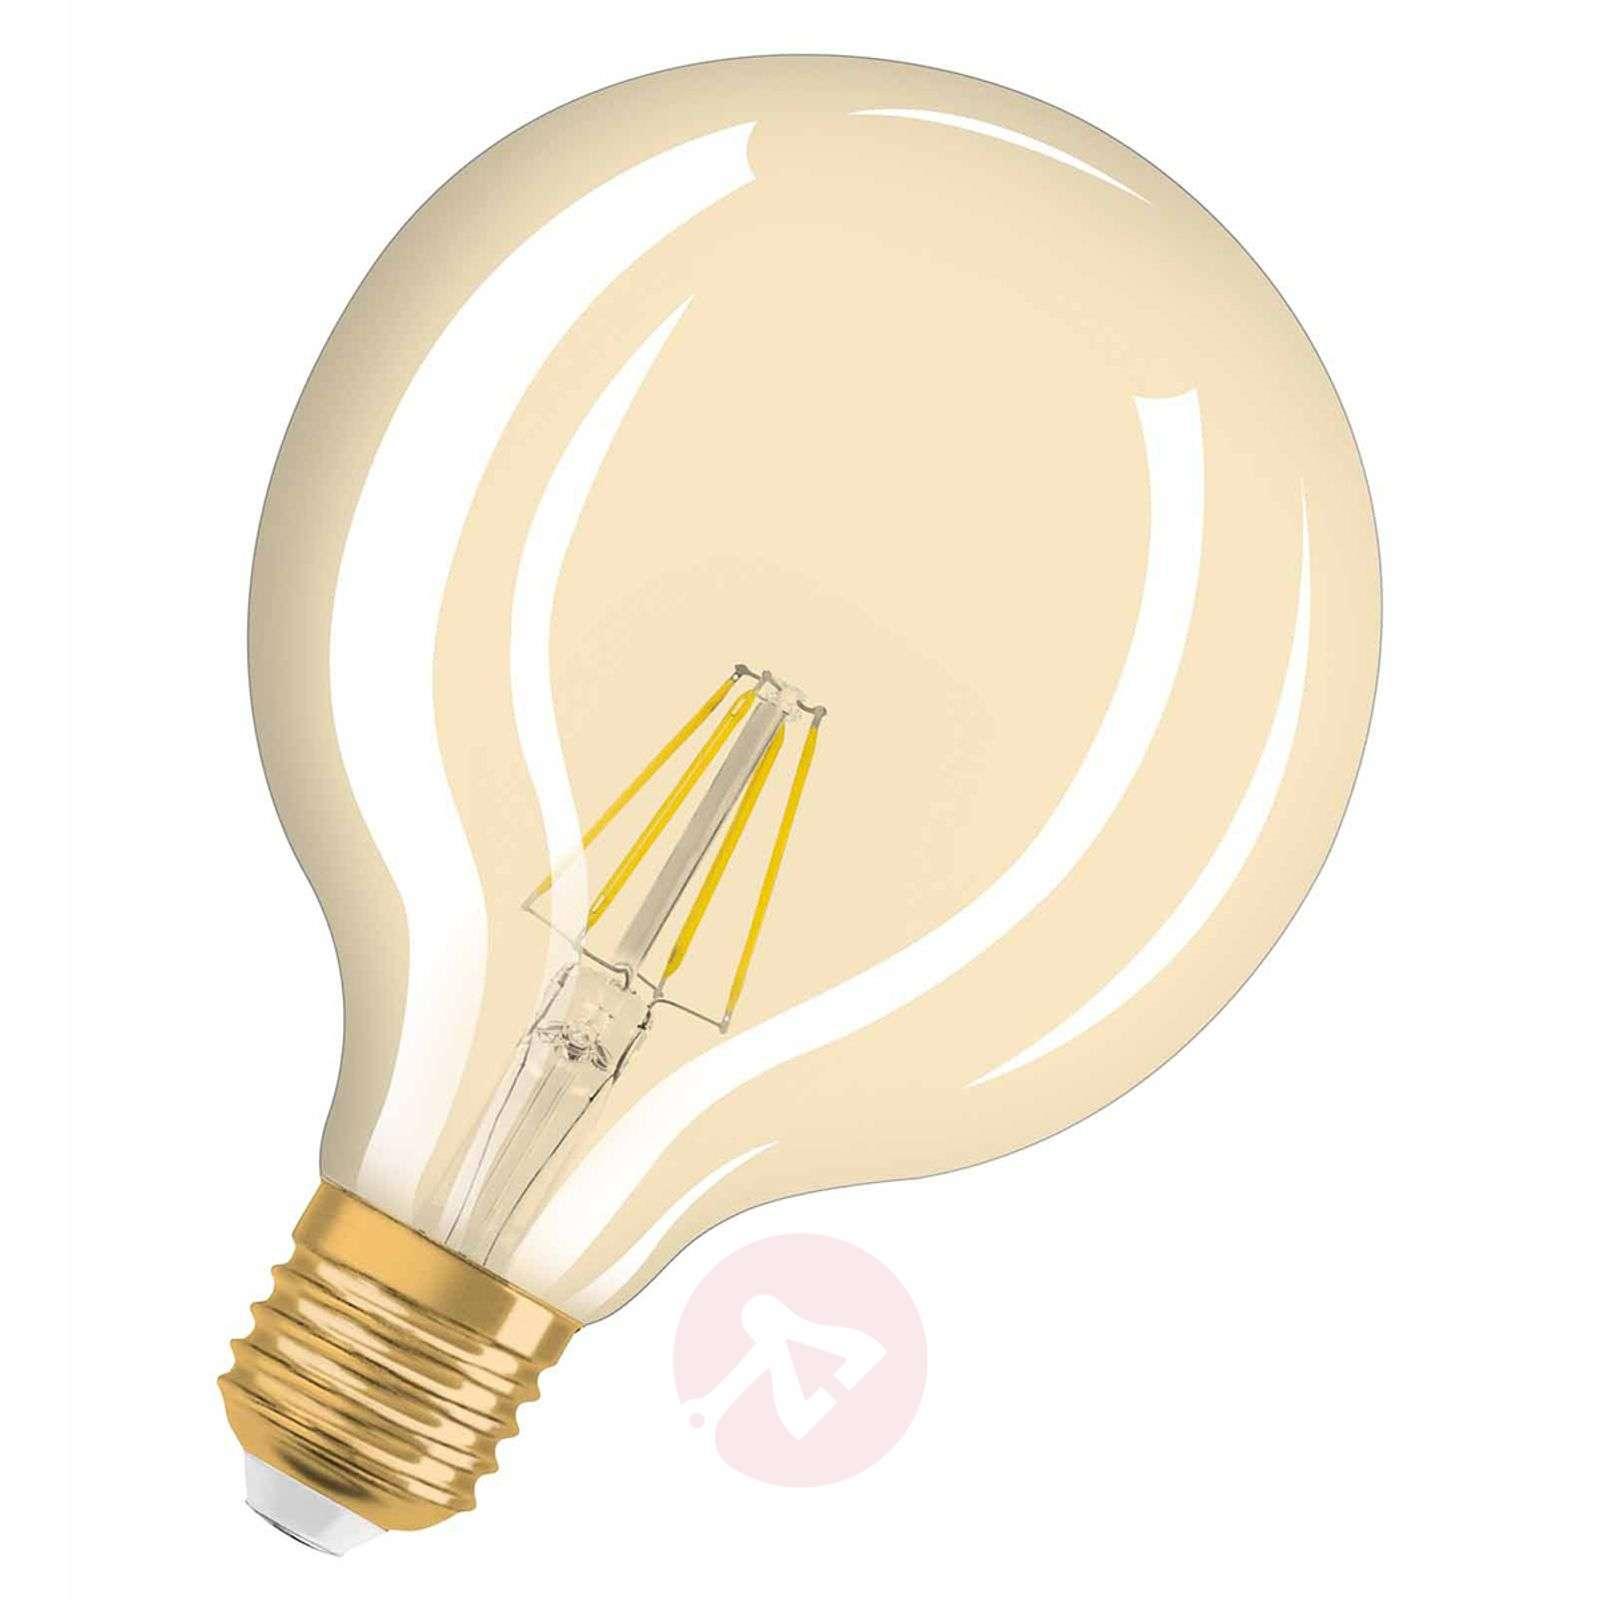 E27 4,5W 824 LED-pallolamppu, vintagemalli 1906-7260826-01